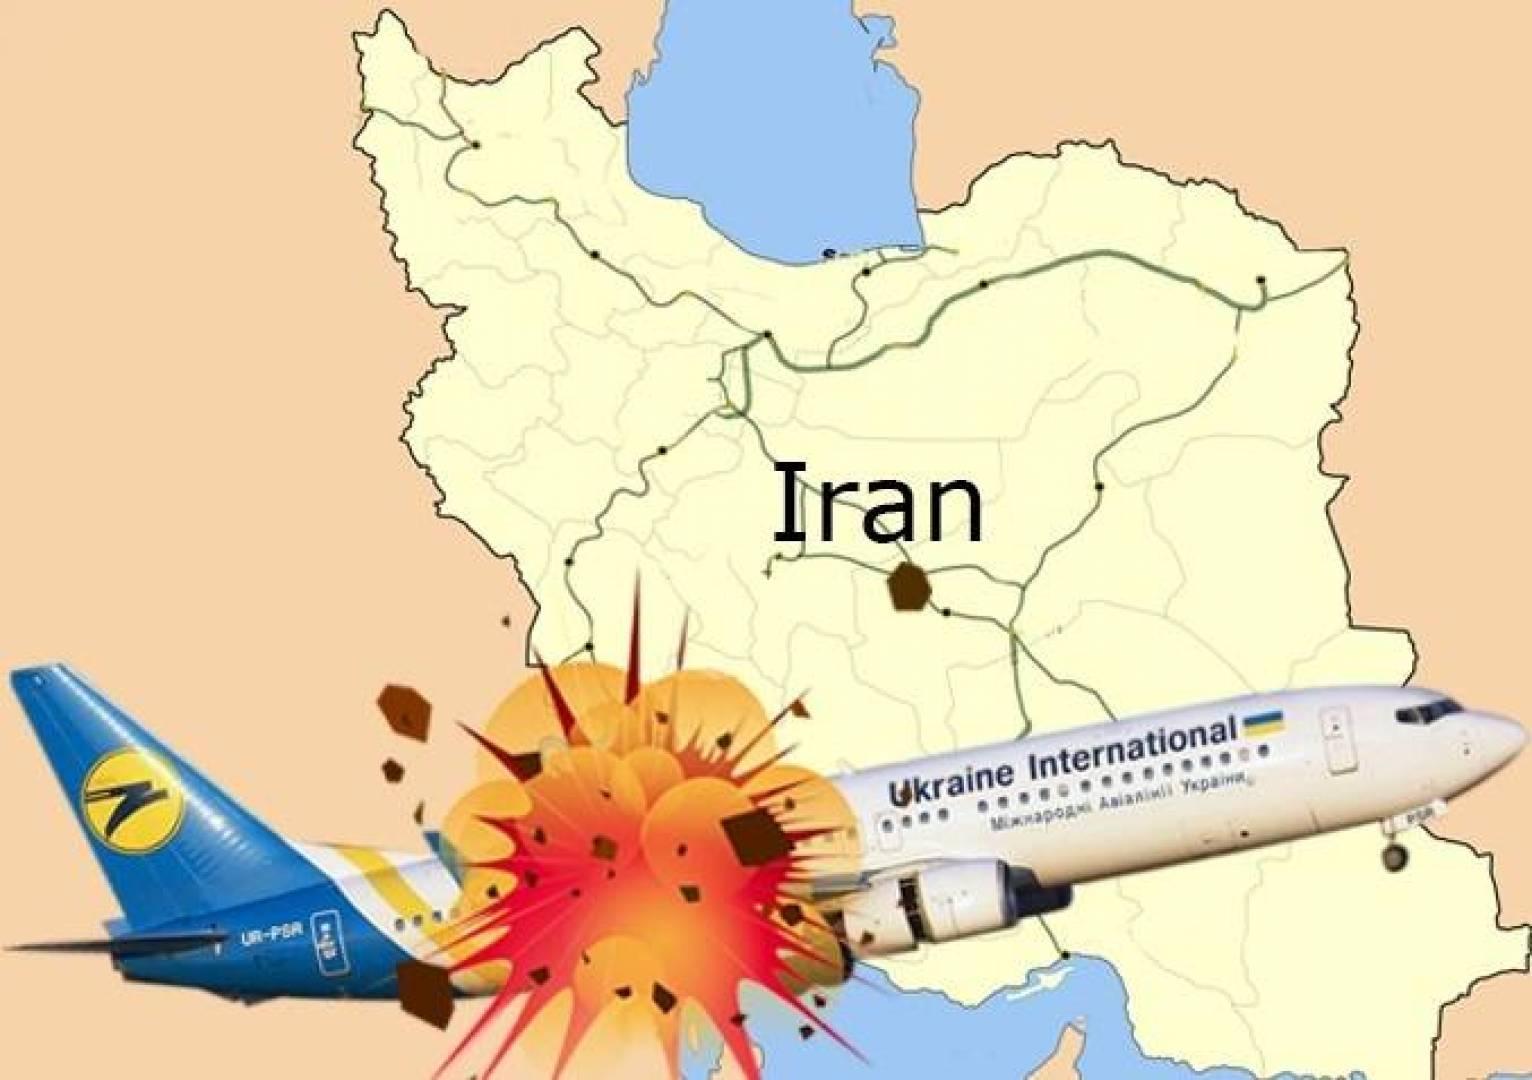 نيويورك تايمز: الطائرة الأوكرانية أسقطتها إيران بصاروخين وليس بصاروخ واحد